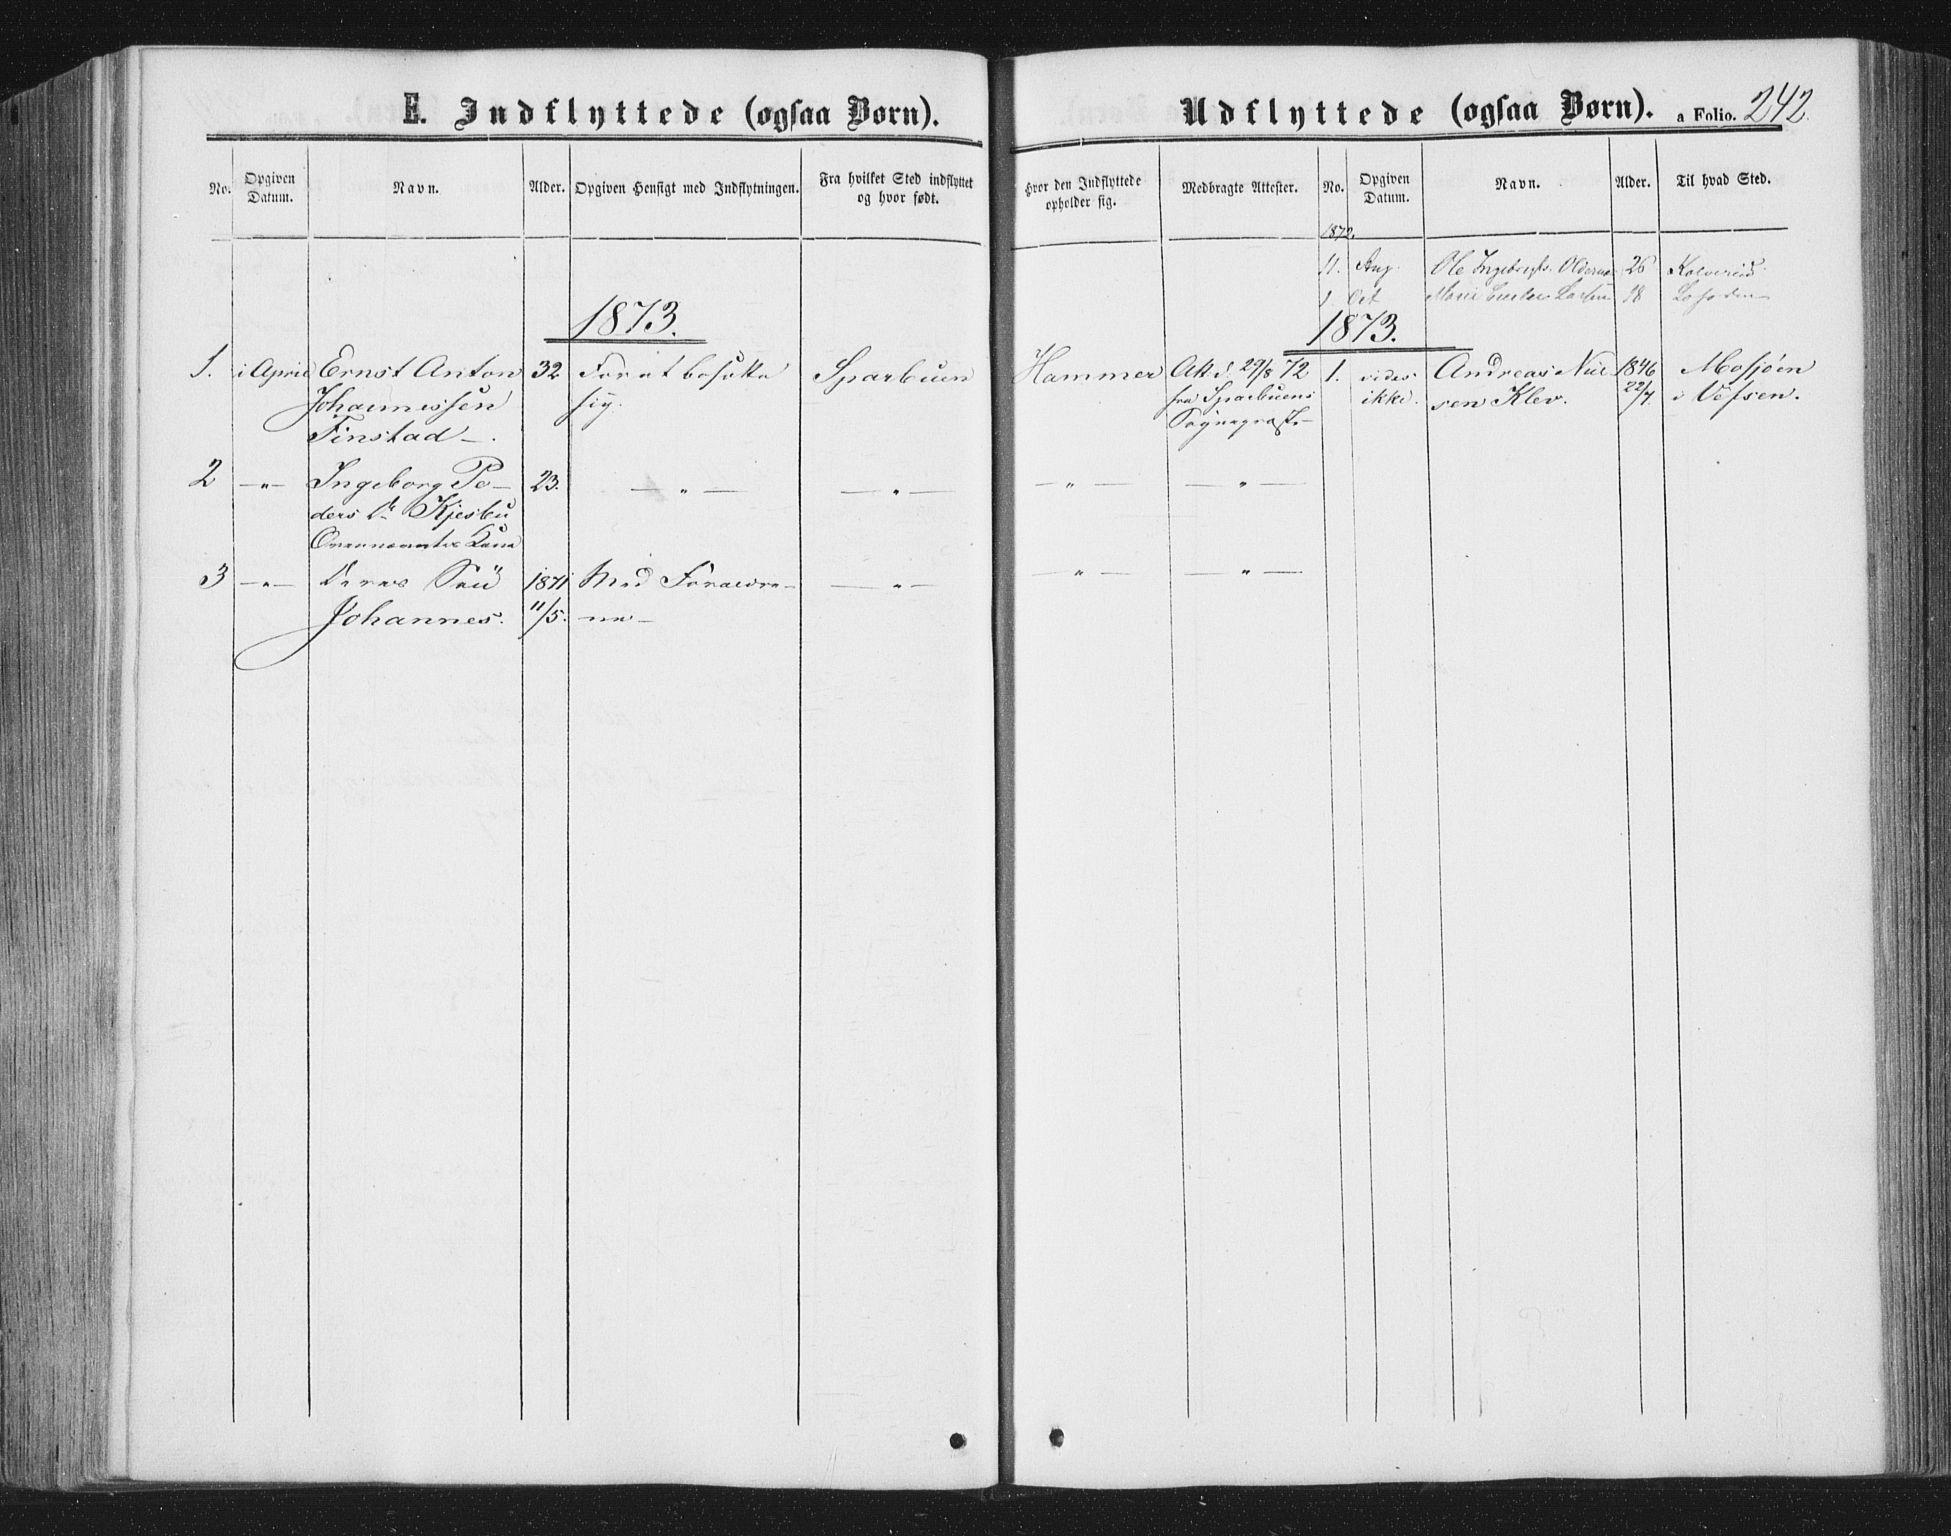 SAT, Ministerialprotokoller, klokkerbøker og fødselsregistre - Nord-Trøndelag, 749/L0472: Ministerialbok nr. 749A06, 1857-1873, s. 242